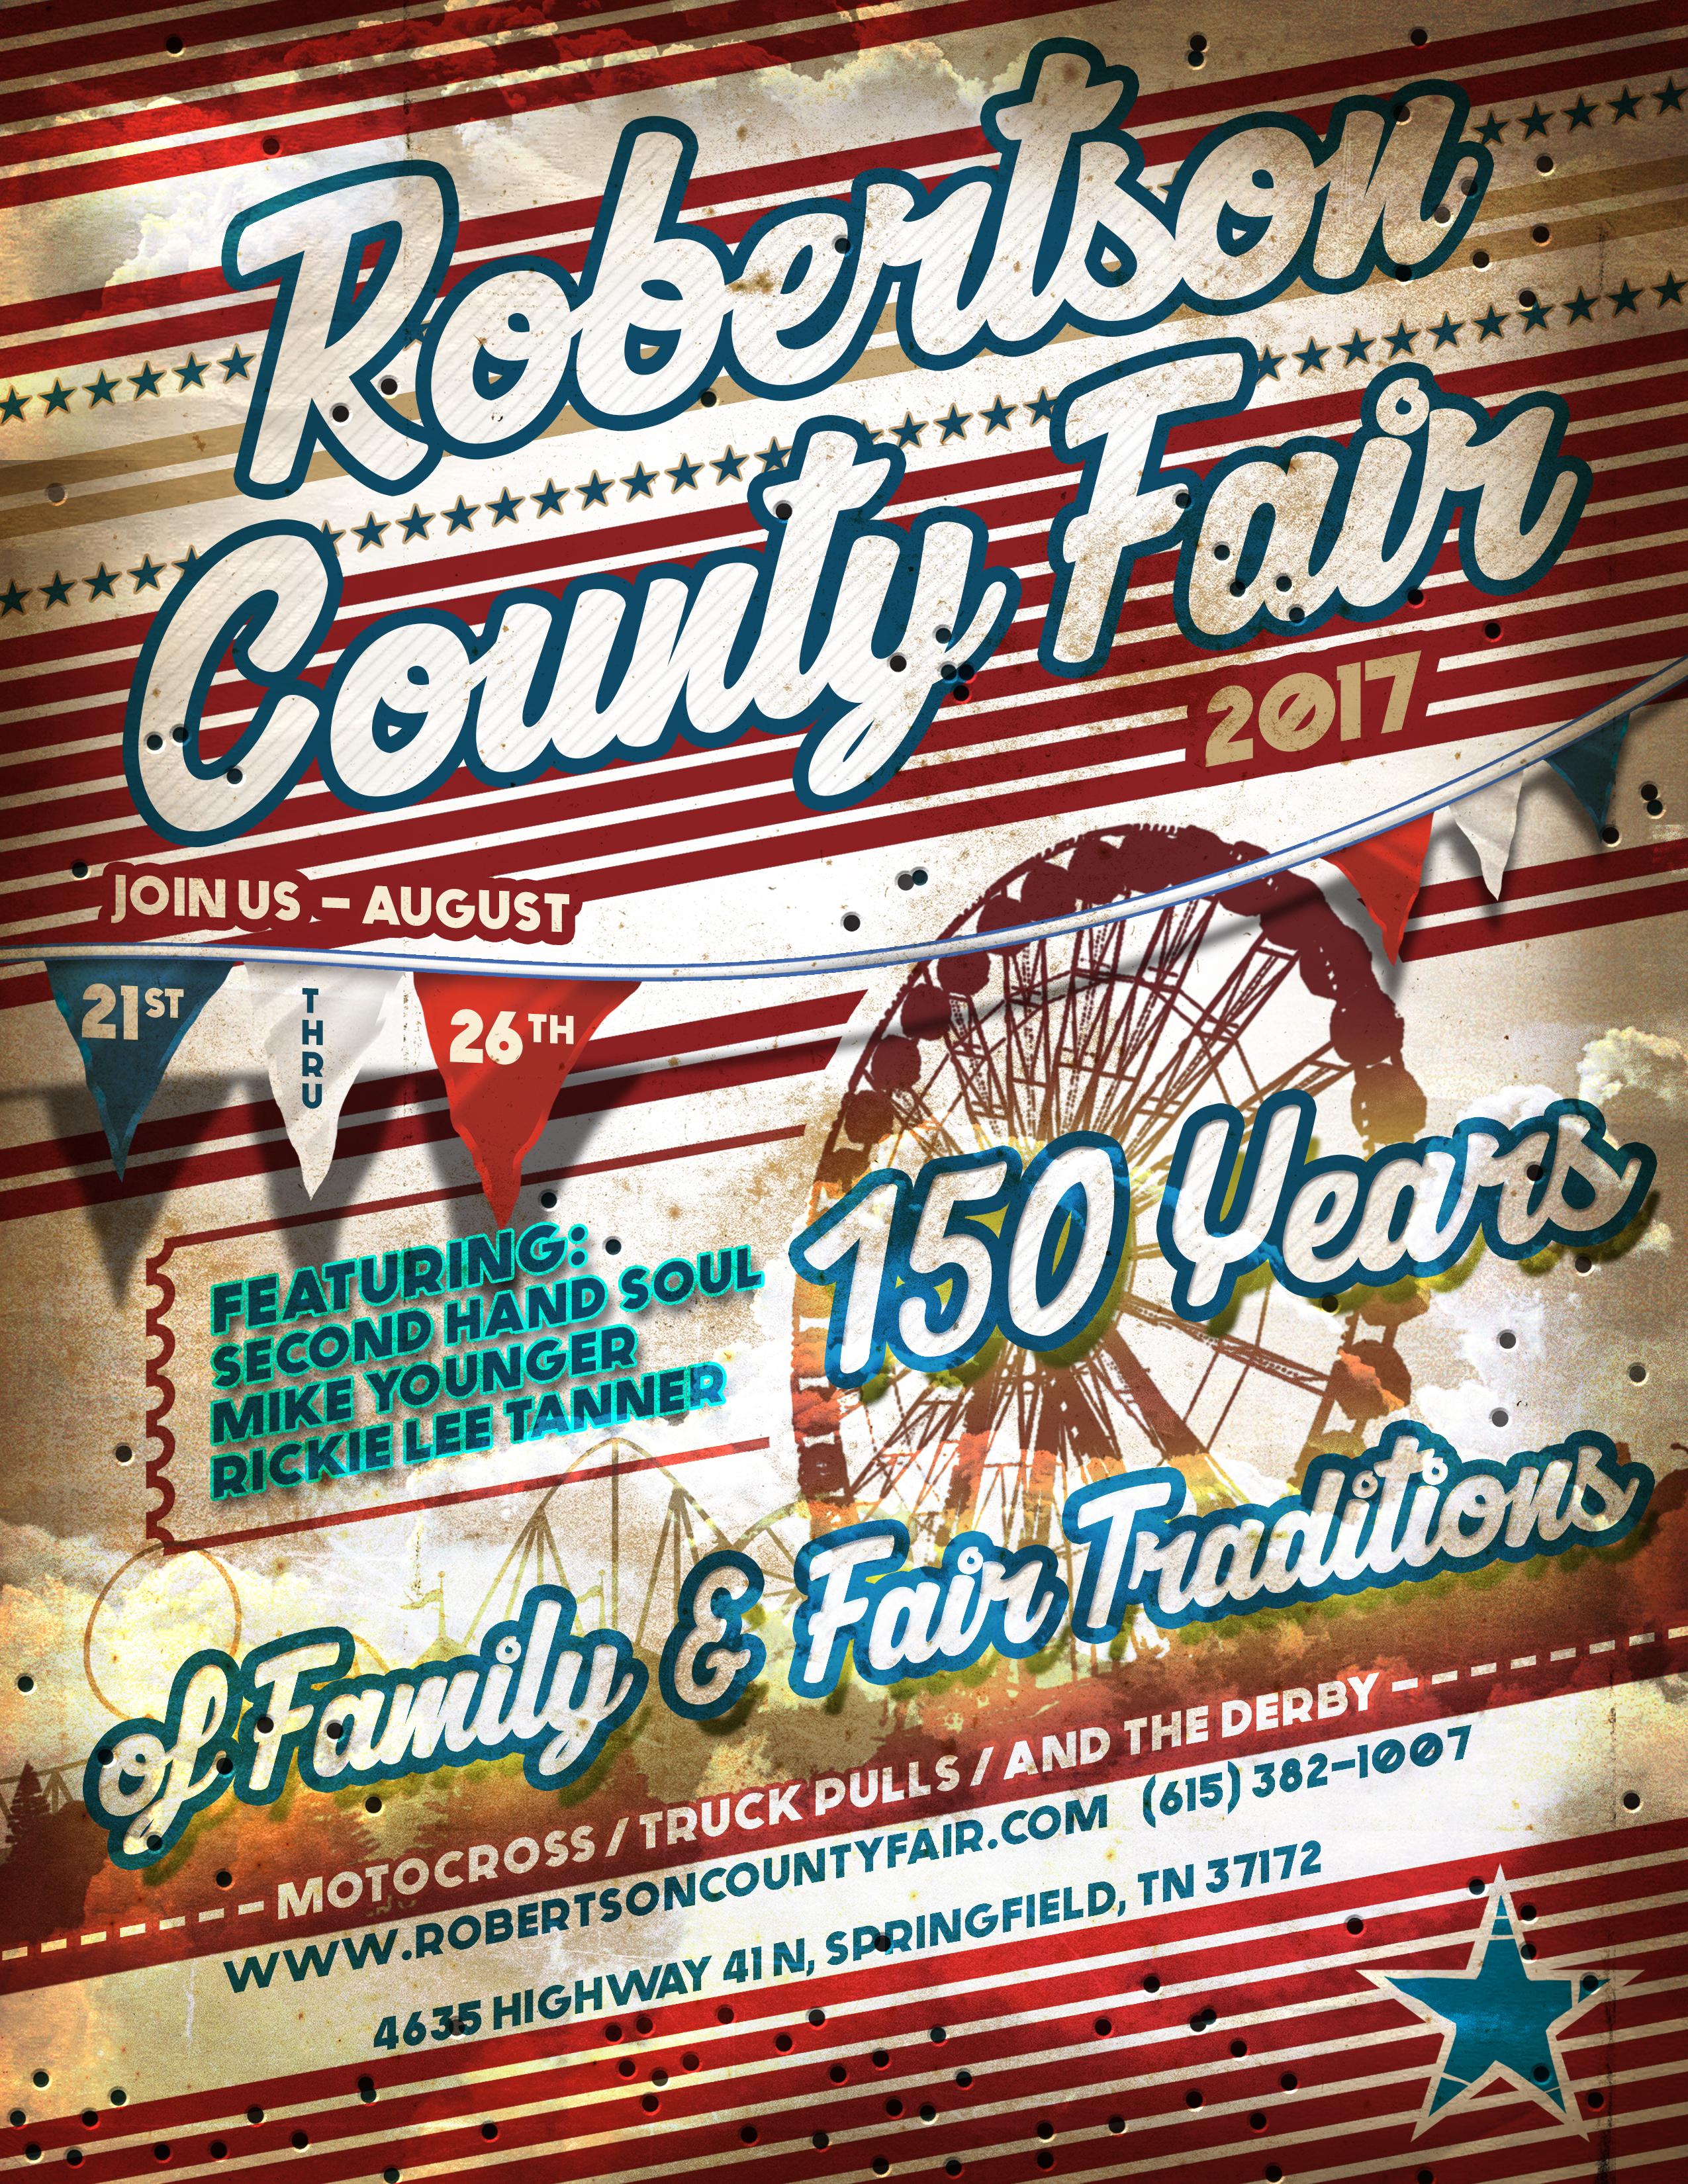 Robertson County Fair Flyer